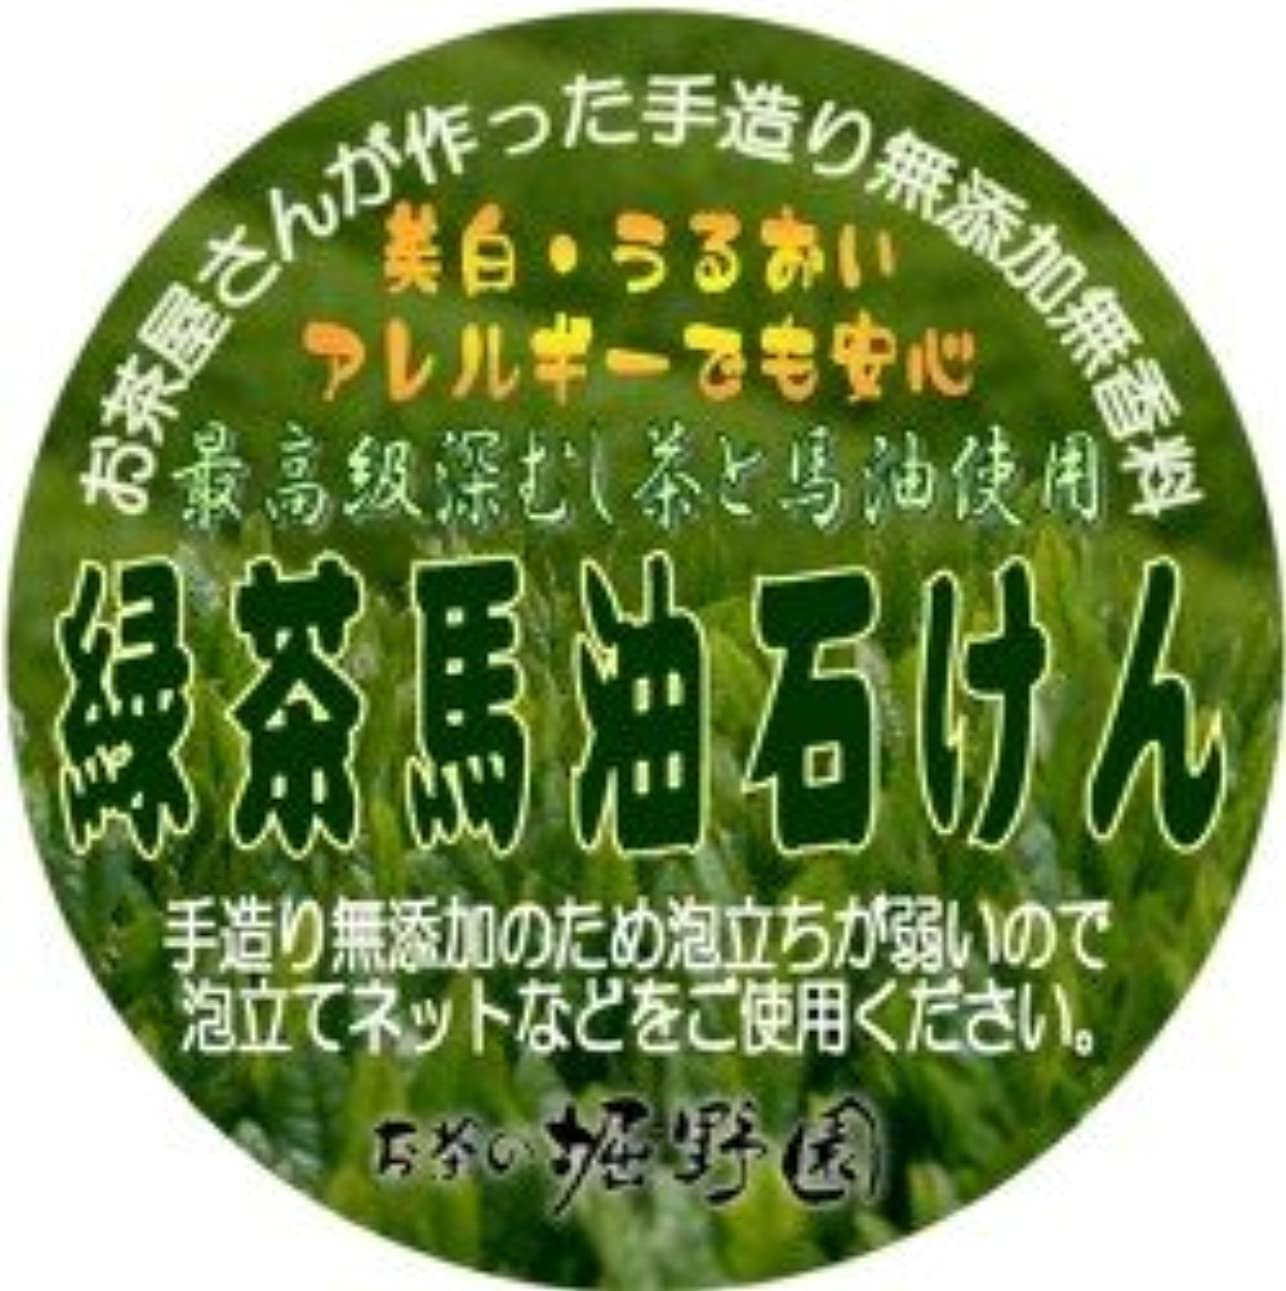 無添加無着色 緑茶馬油石けん(アトピー?弱肌の方のご愛用が非常に多い商品です)